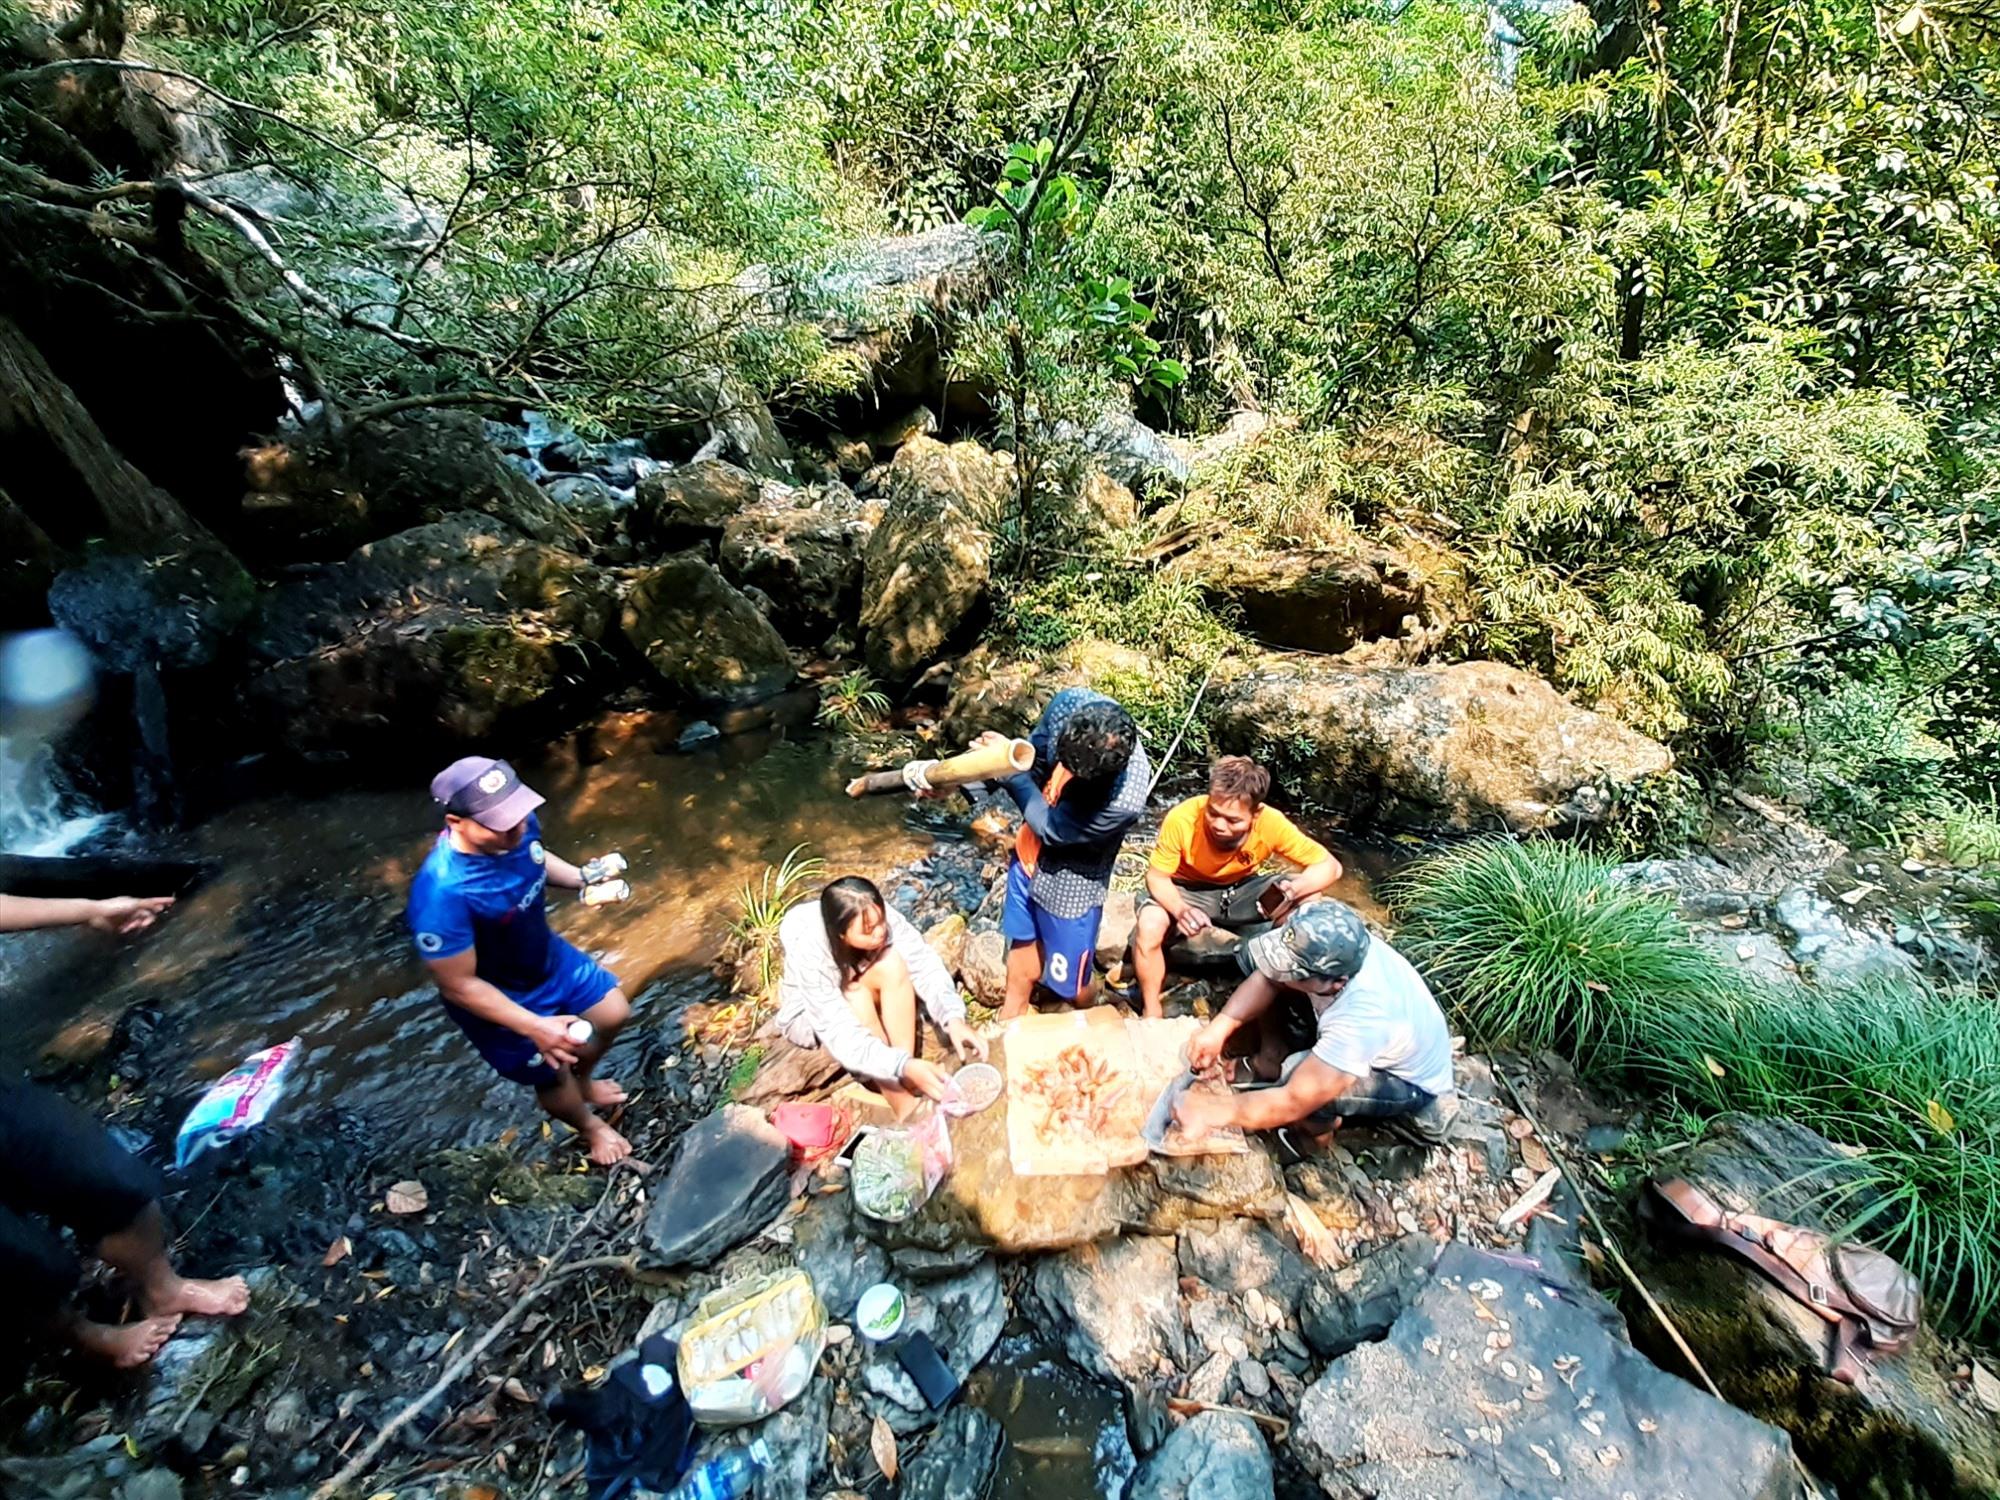 Thích thú với vẻ đẹp của thác R'măng, nhiều bạn trẻ địa phương đã cùng nhau tìm đến khám phá, trải nghiệm. Ảnh: A.L